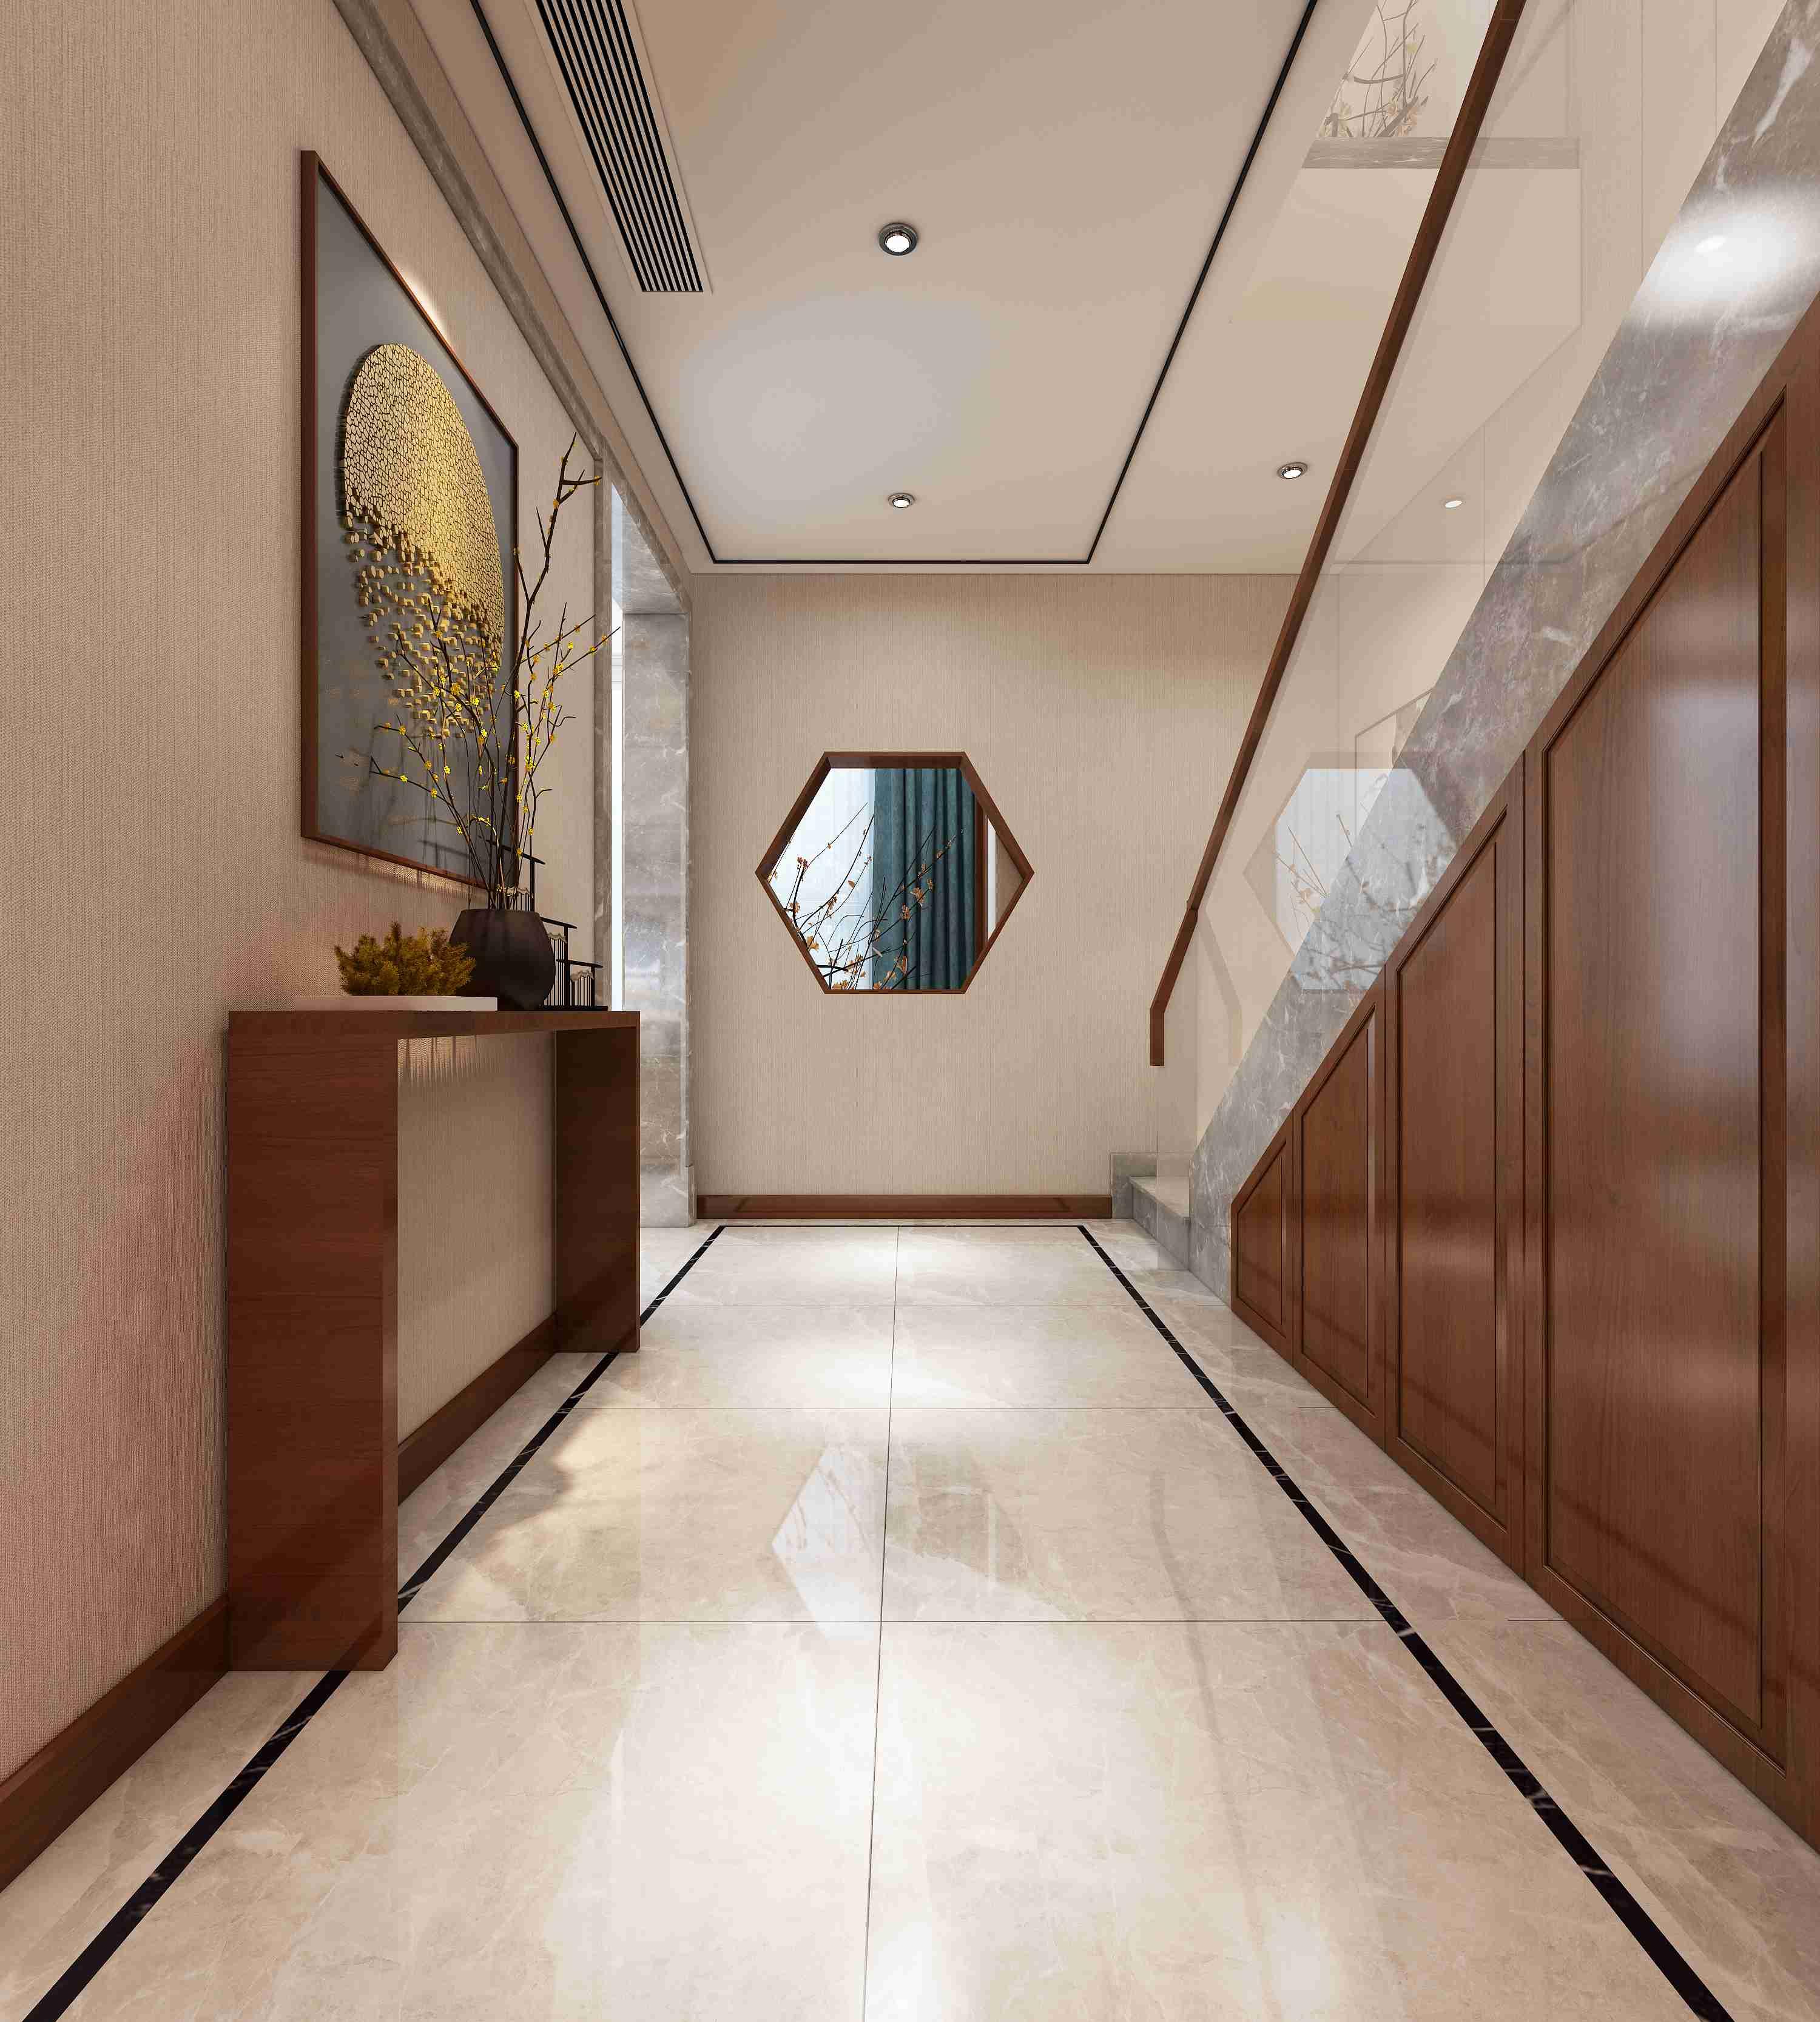 楼梯间为一个通向一楼和二楼的中转空间,起到承上启下的作用,为不影响光线的踏入和空气的流动,一边是对向门厅区域的造型柜,采用双面镂空,让空气流动,对向阳台的墙面做成六边形中空造型,既不影响采光,又起到了中式中藏和借景的效果。使得寂静的空间又带有些许生机。